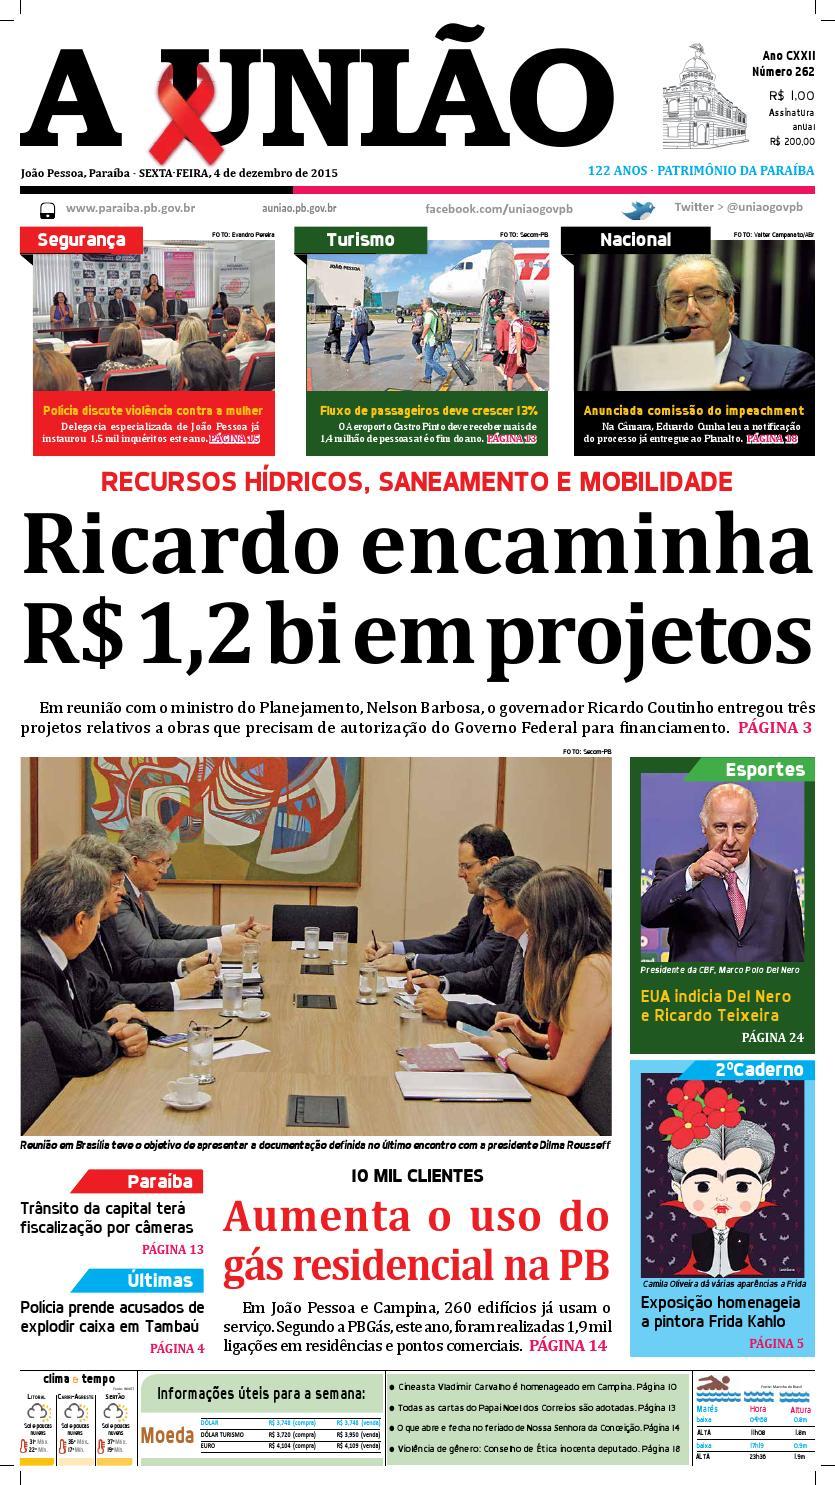 Jornal A União - 04 12 2015 by Jornal A União - issuu 5c6e226f2c94c